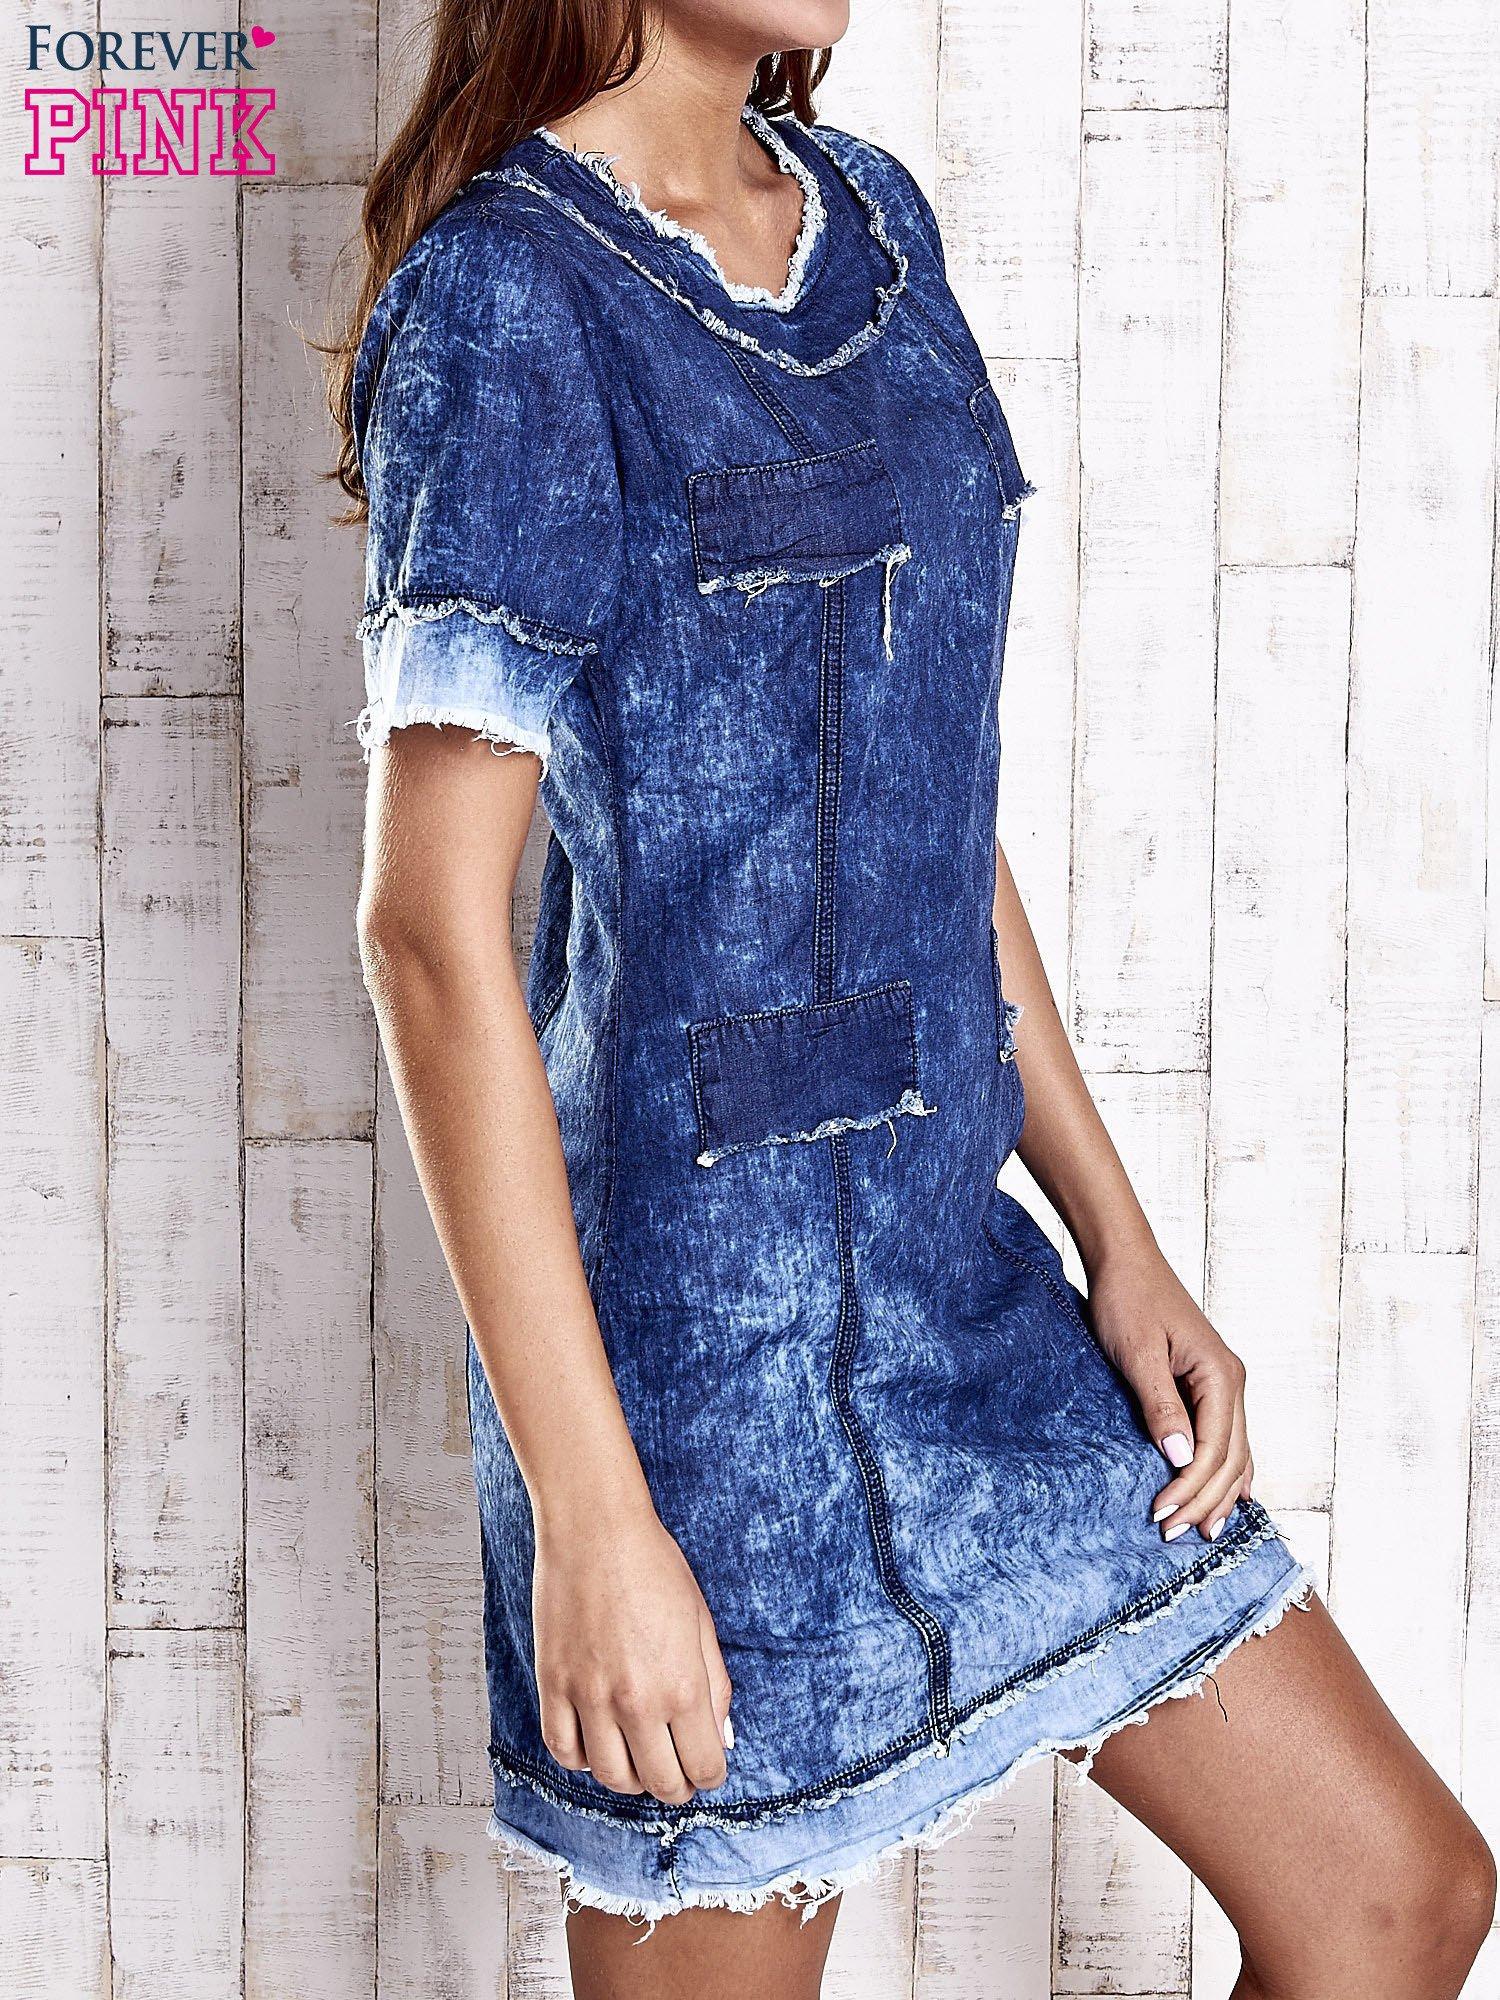 Ciemnoniebieska jeansowa sukienka z surowym wykończeniem                                  zdj.                                  3